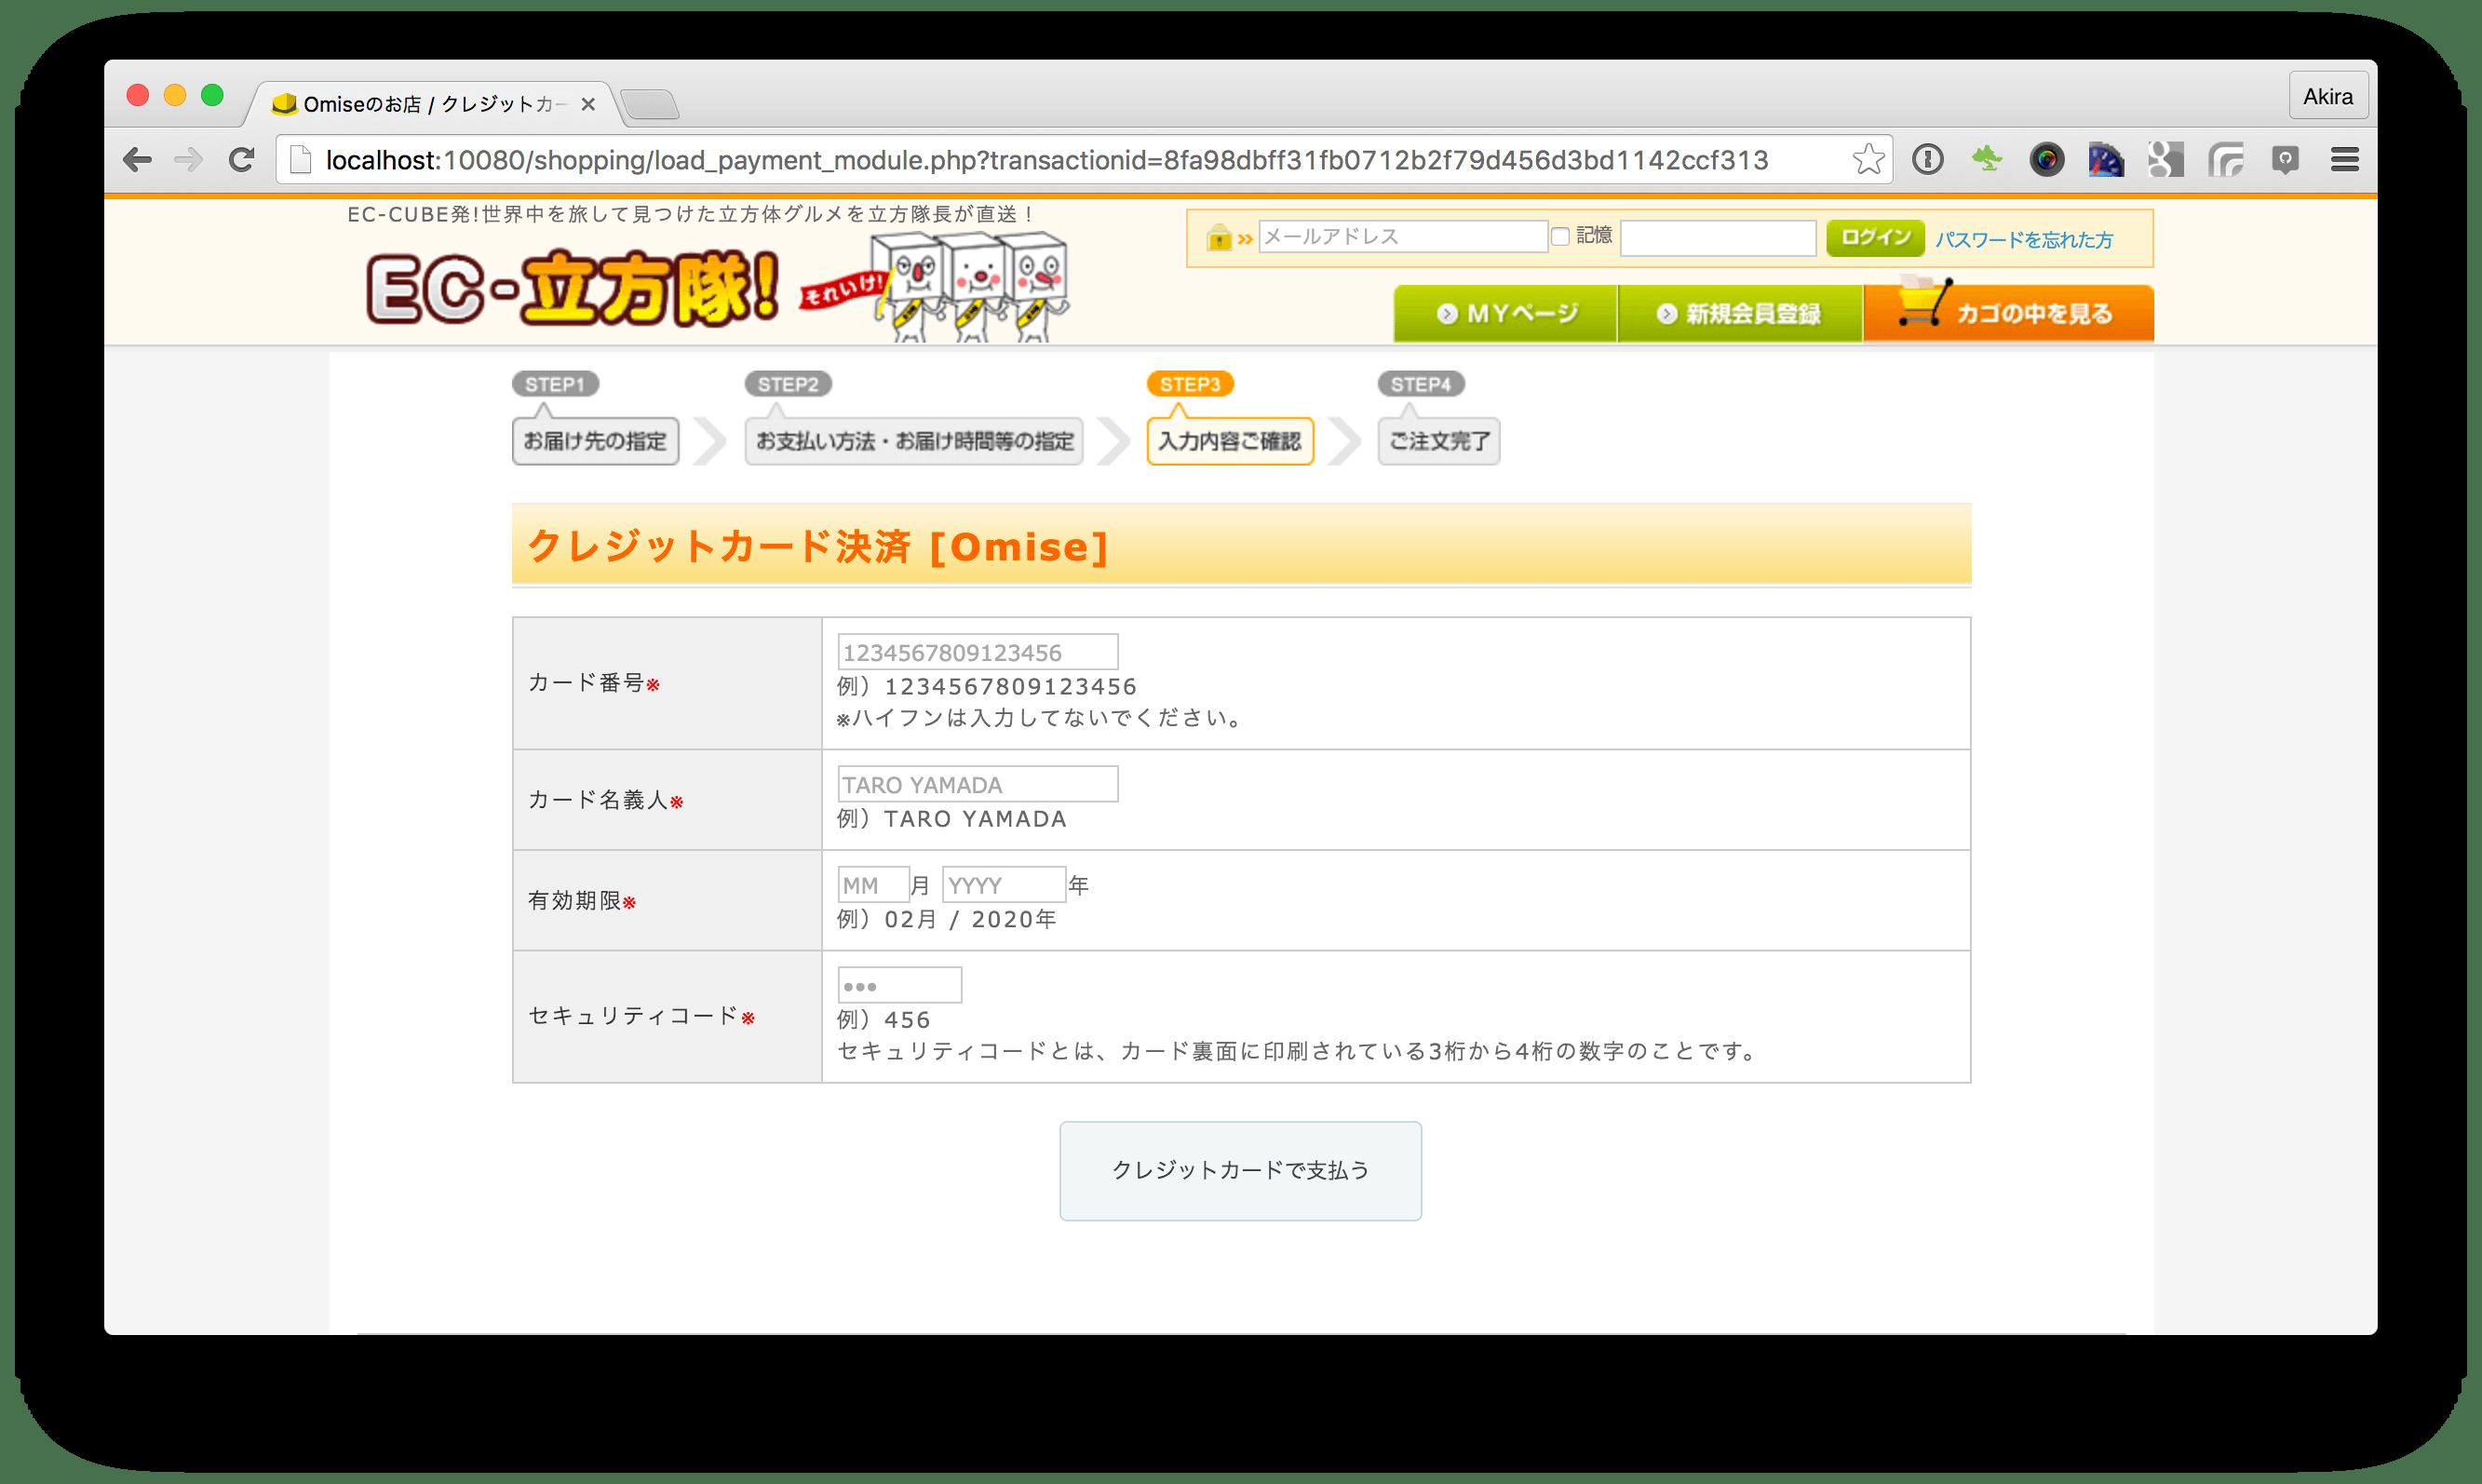 screen shot 2016-04-21 at 14 19 02